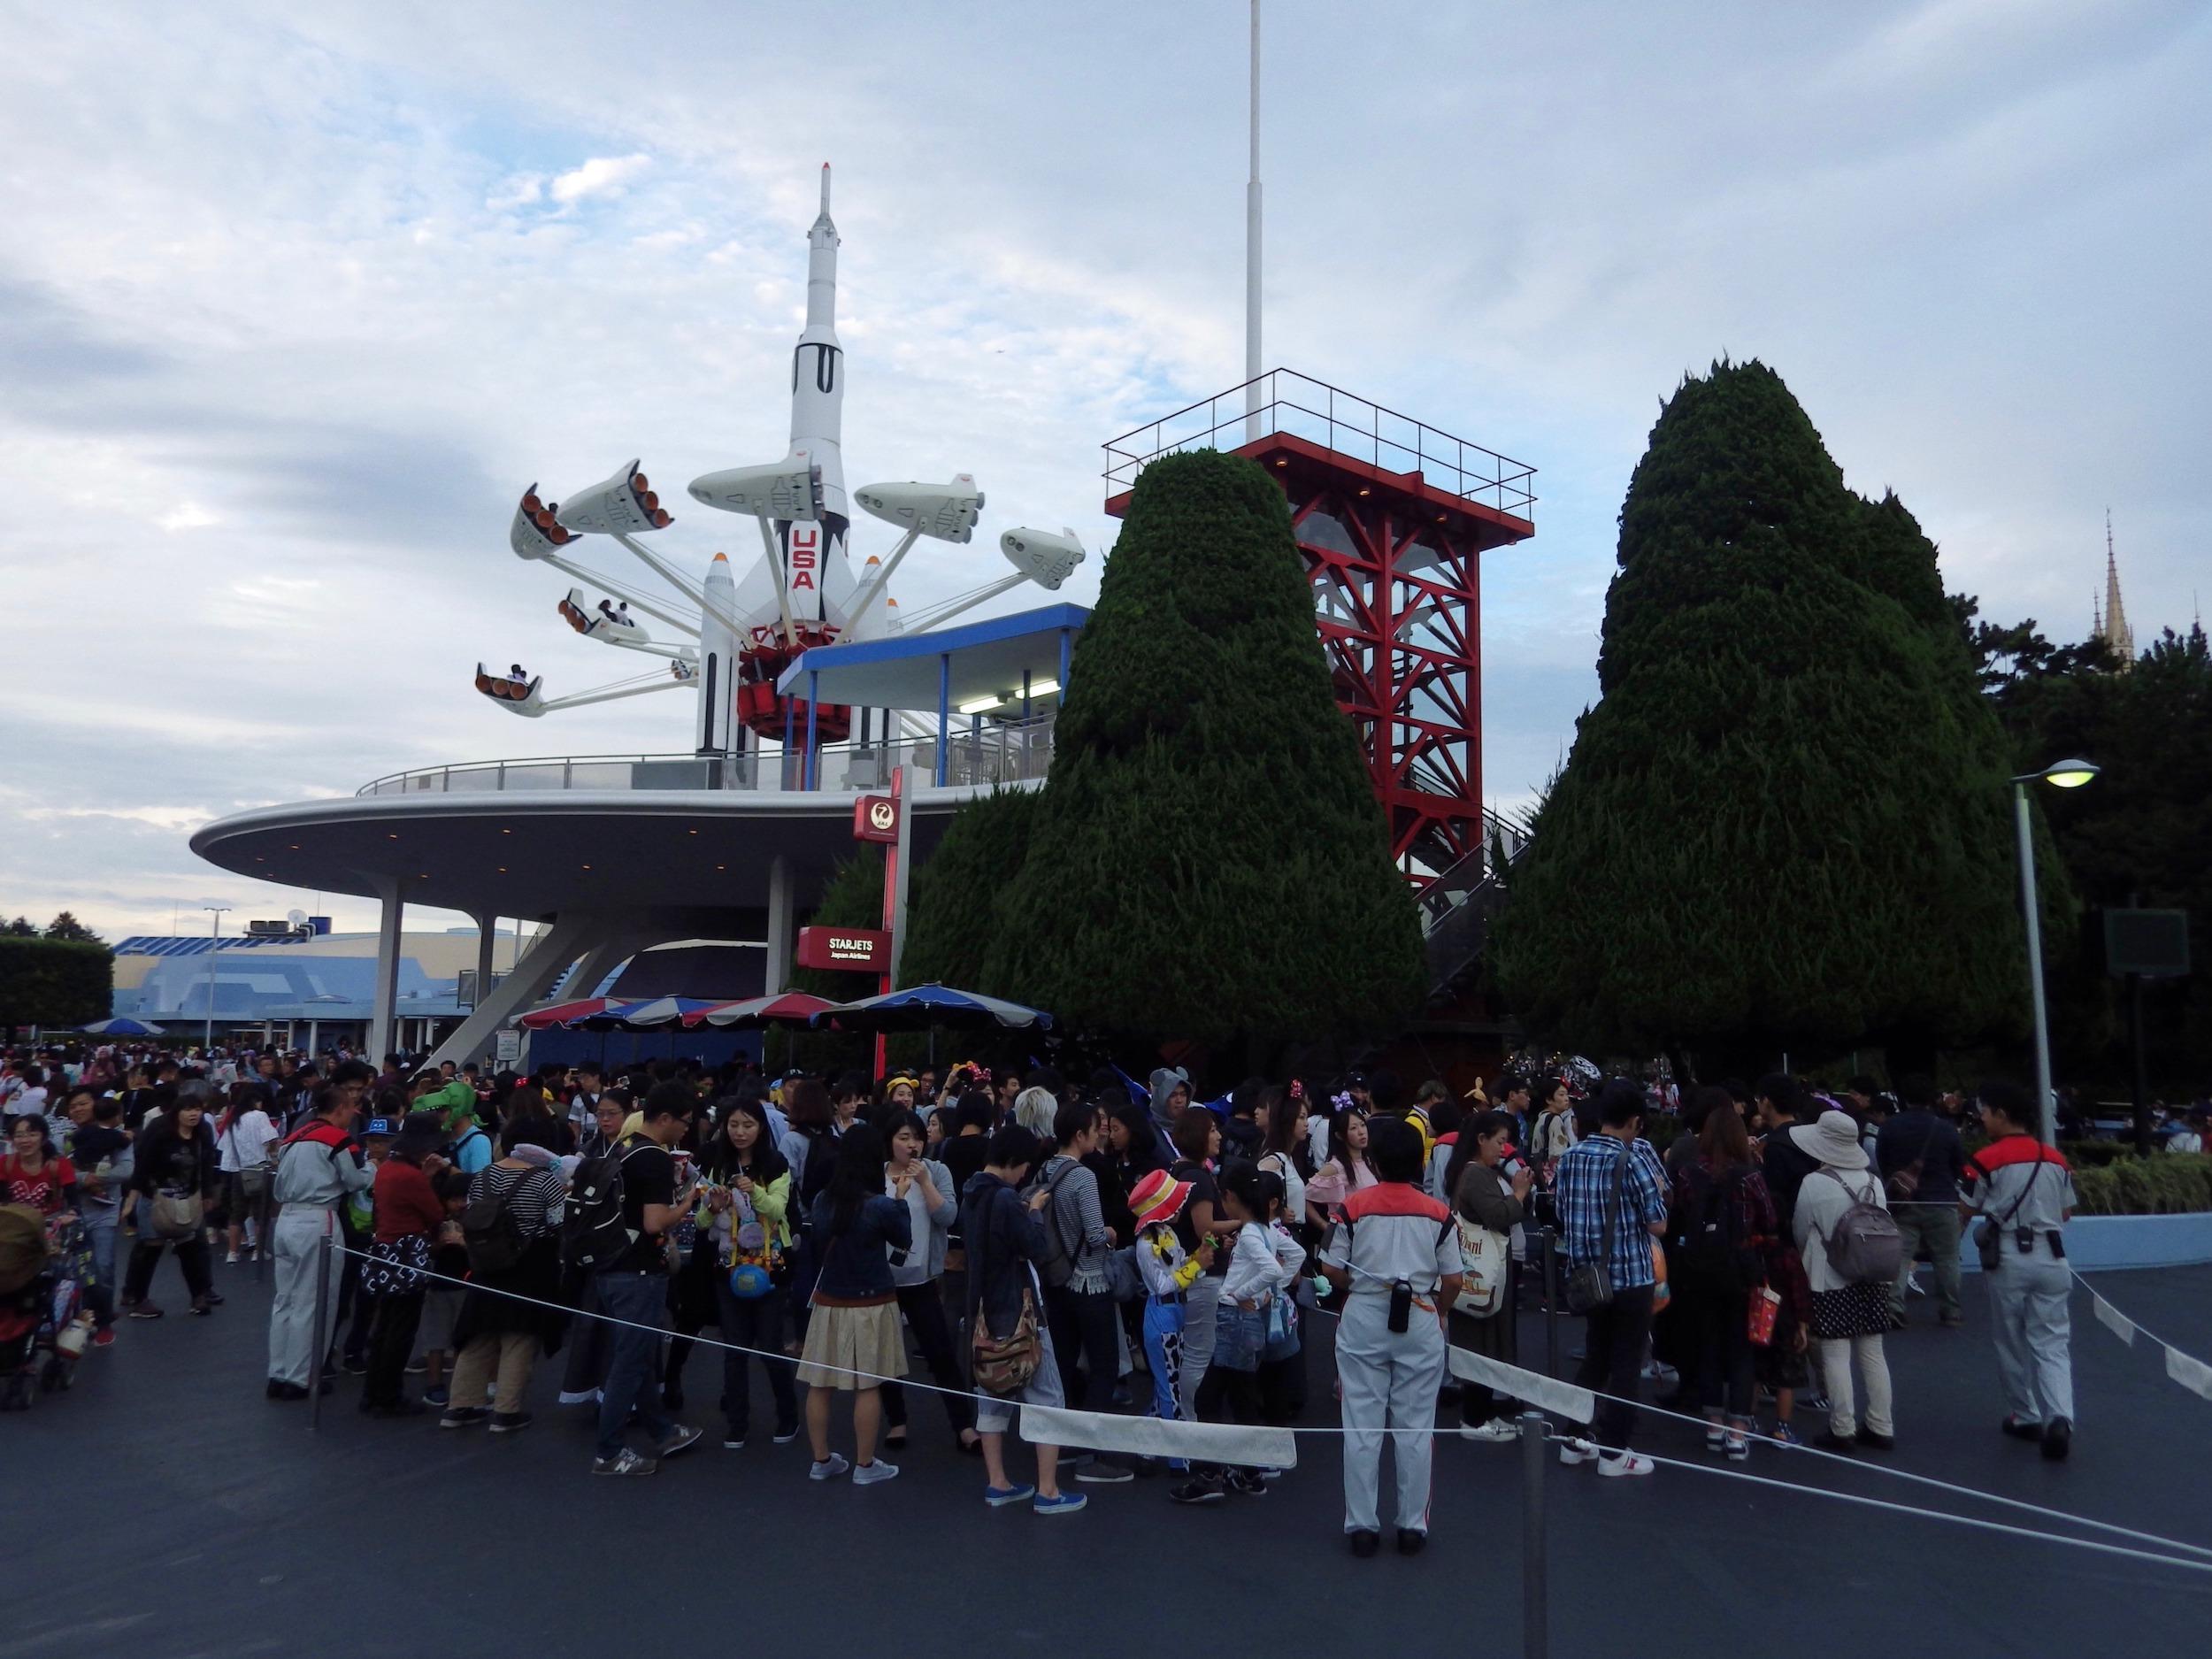 Old_TDL_Tomorrowland_022_3x4.jpg